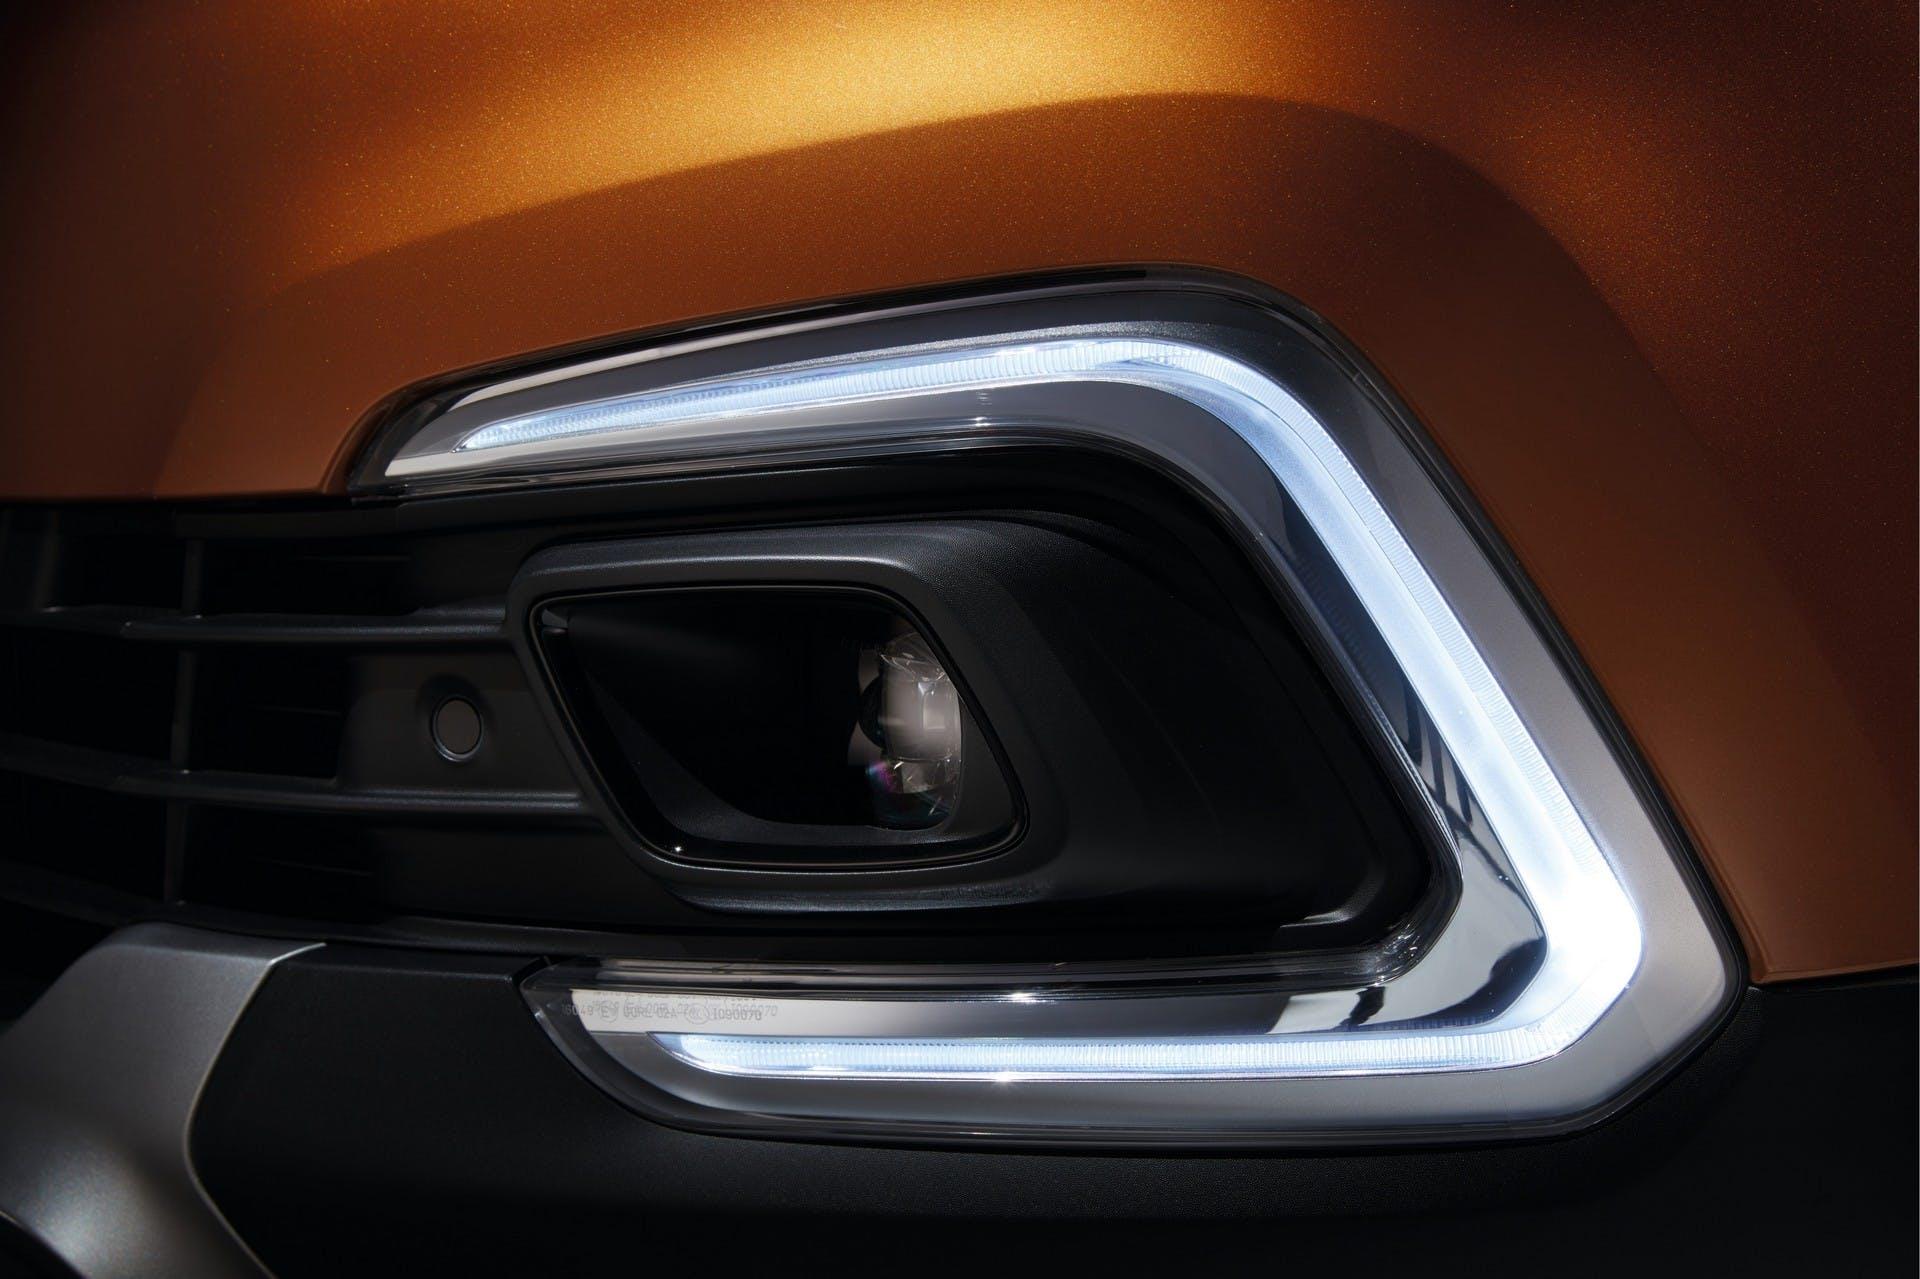 Renault Captur dettaglio